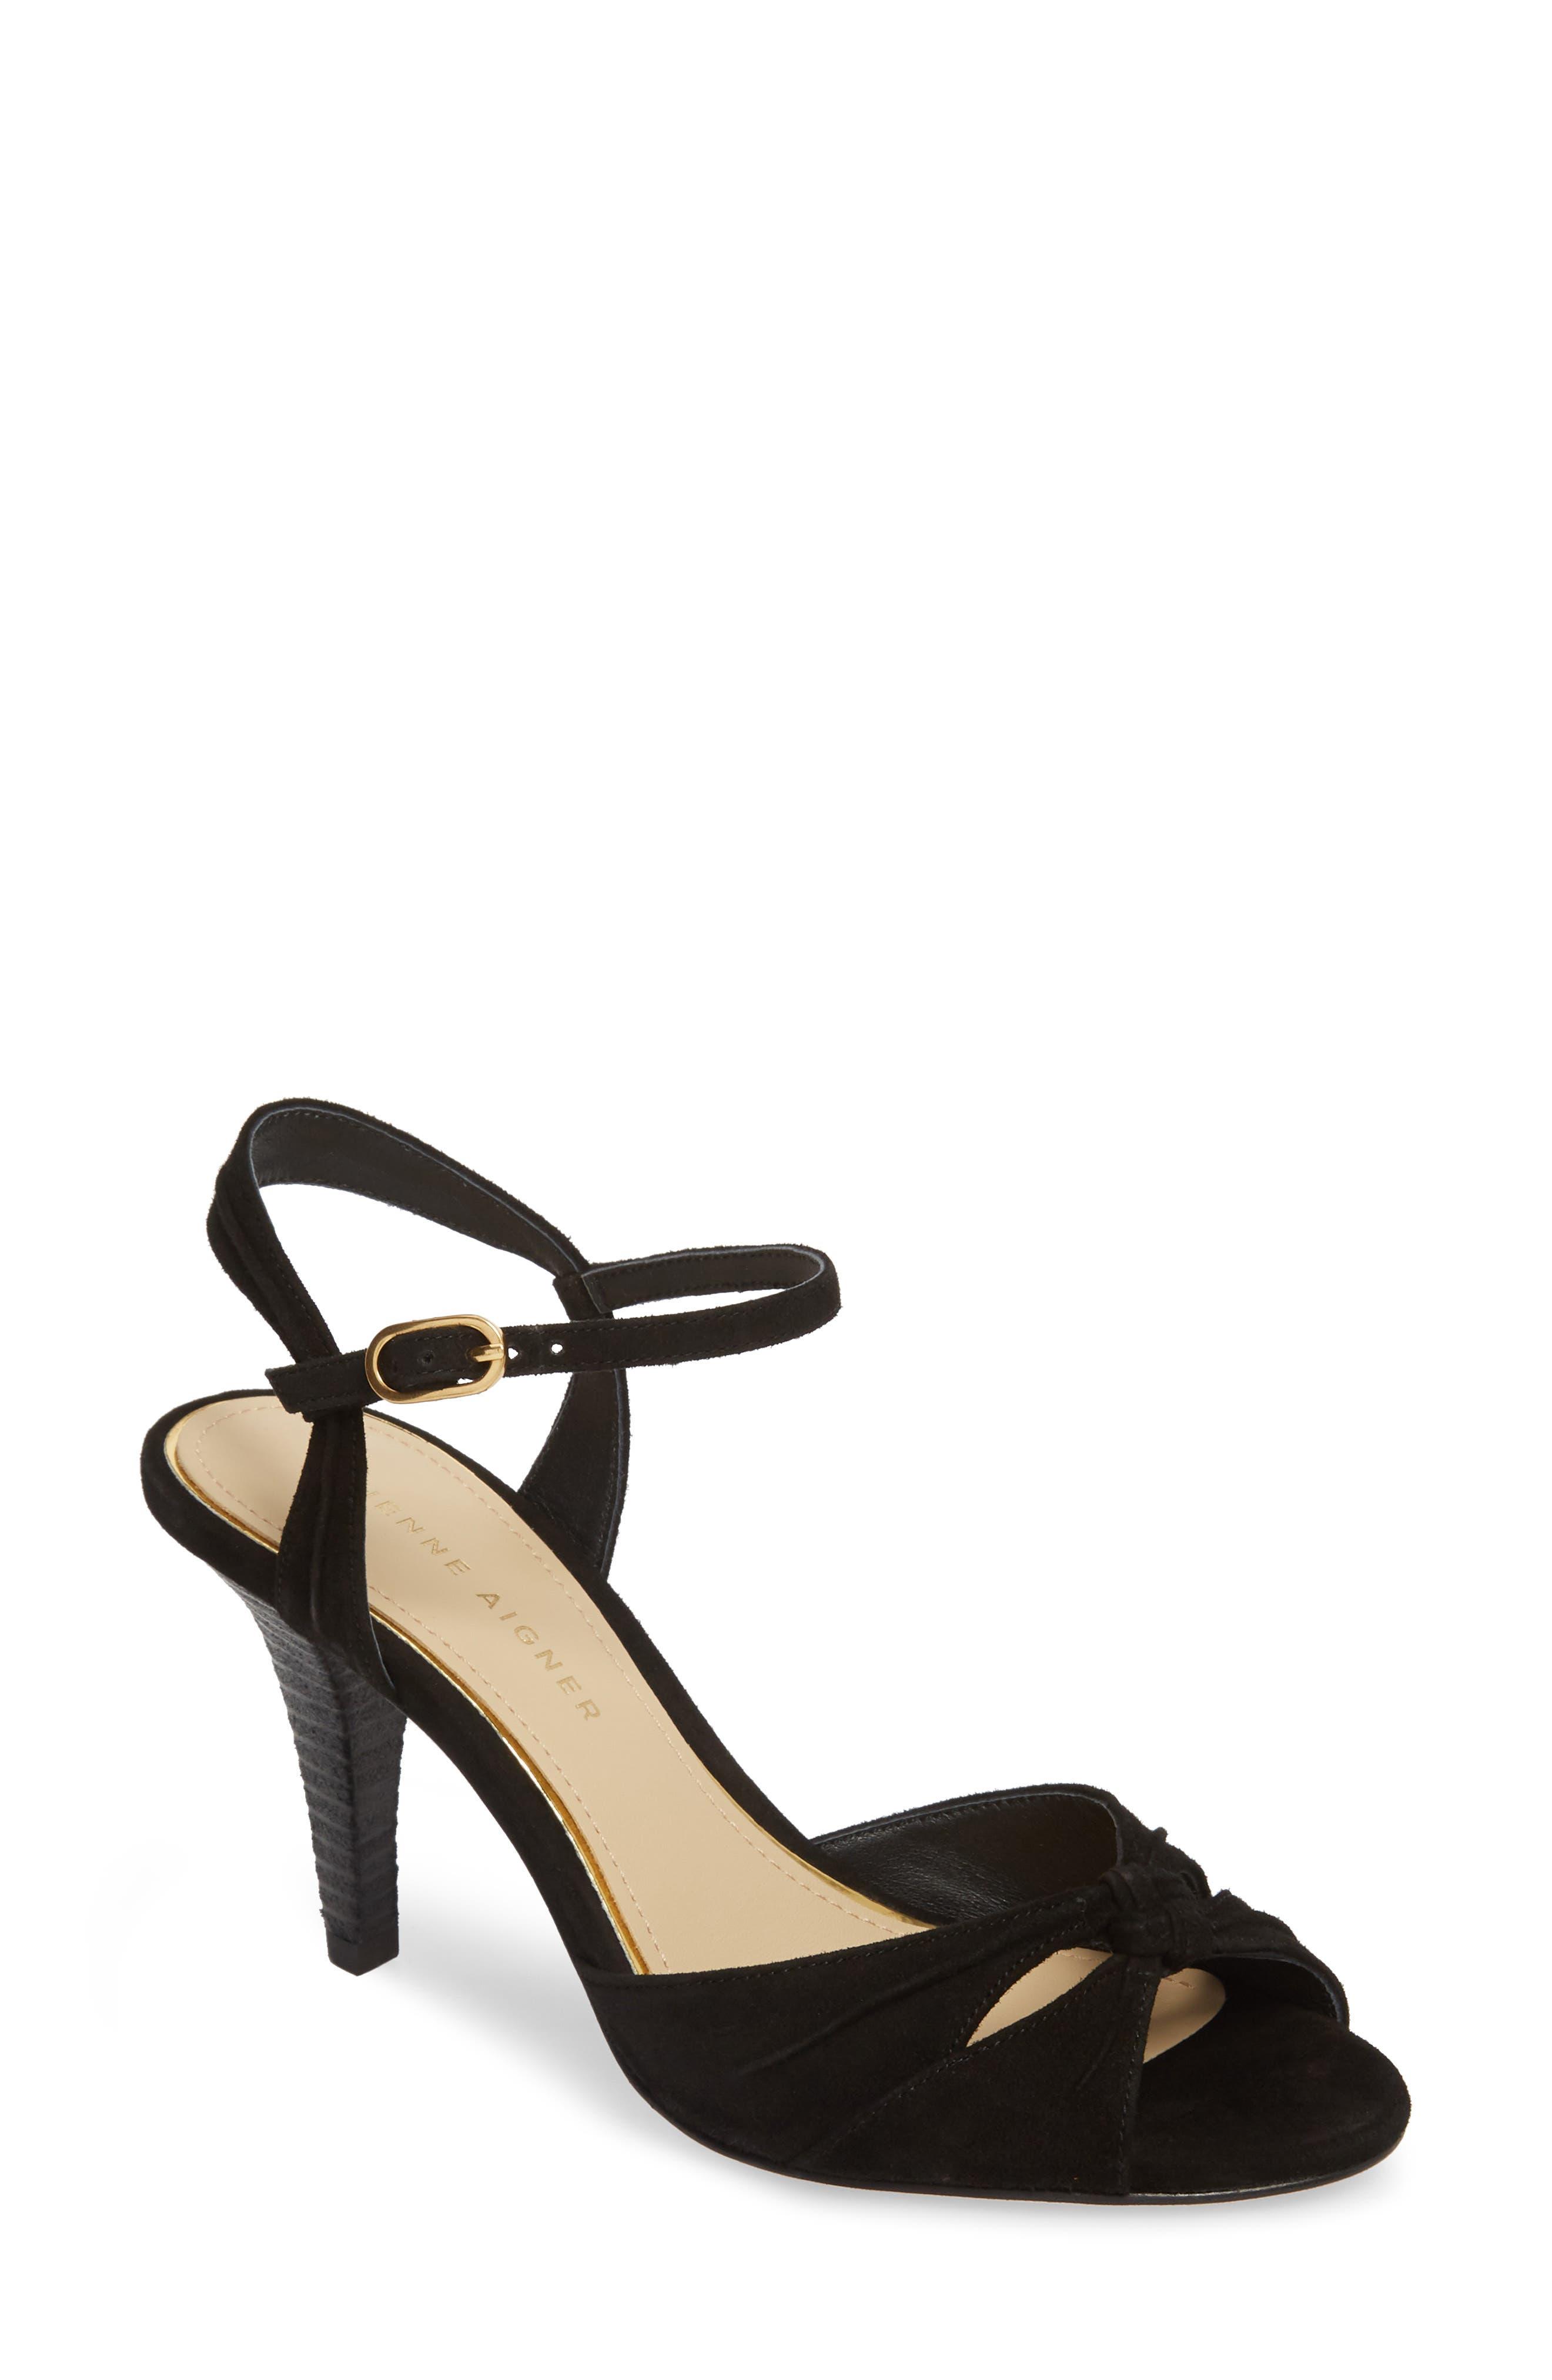 21dc16d91f7 Women s ETIENNE AIGNER High Heels (3